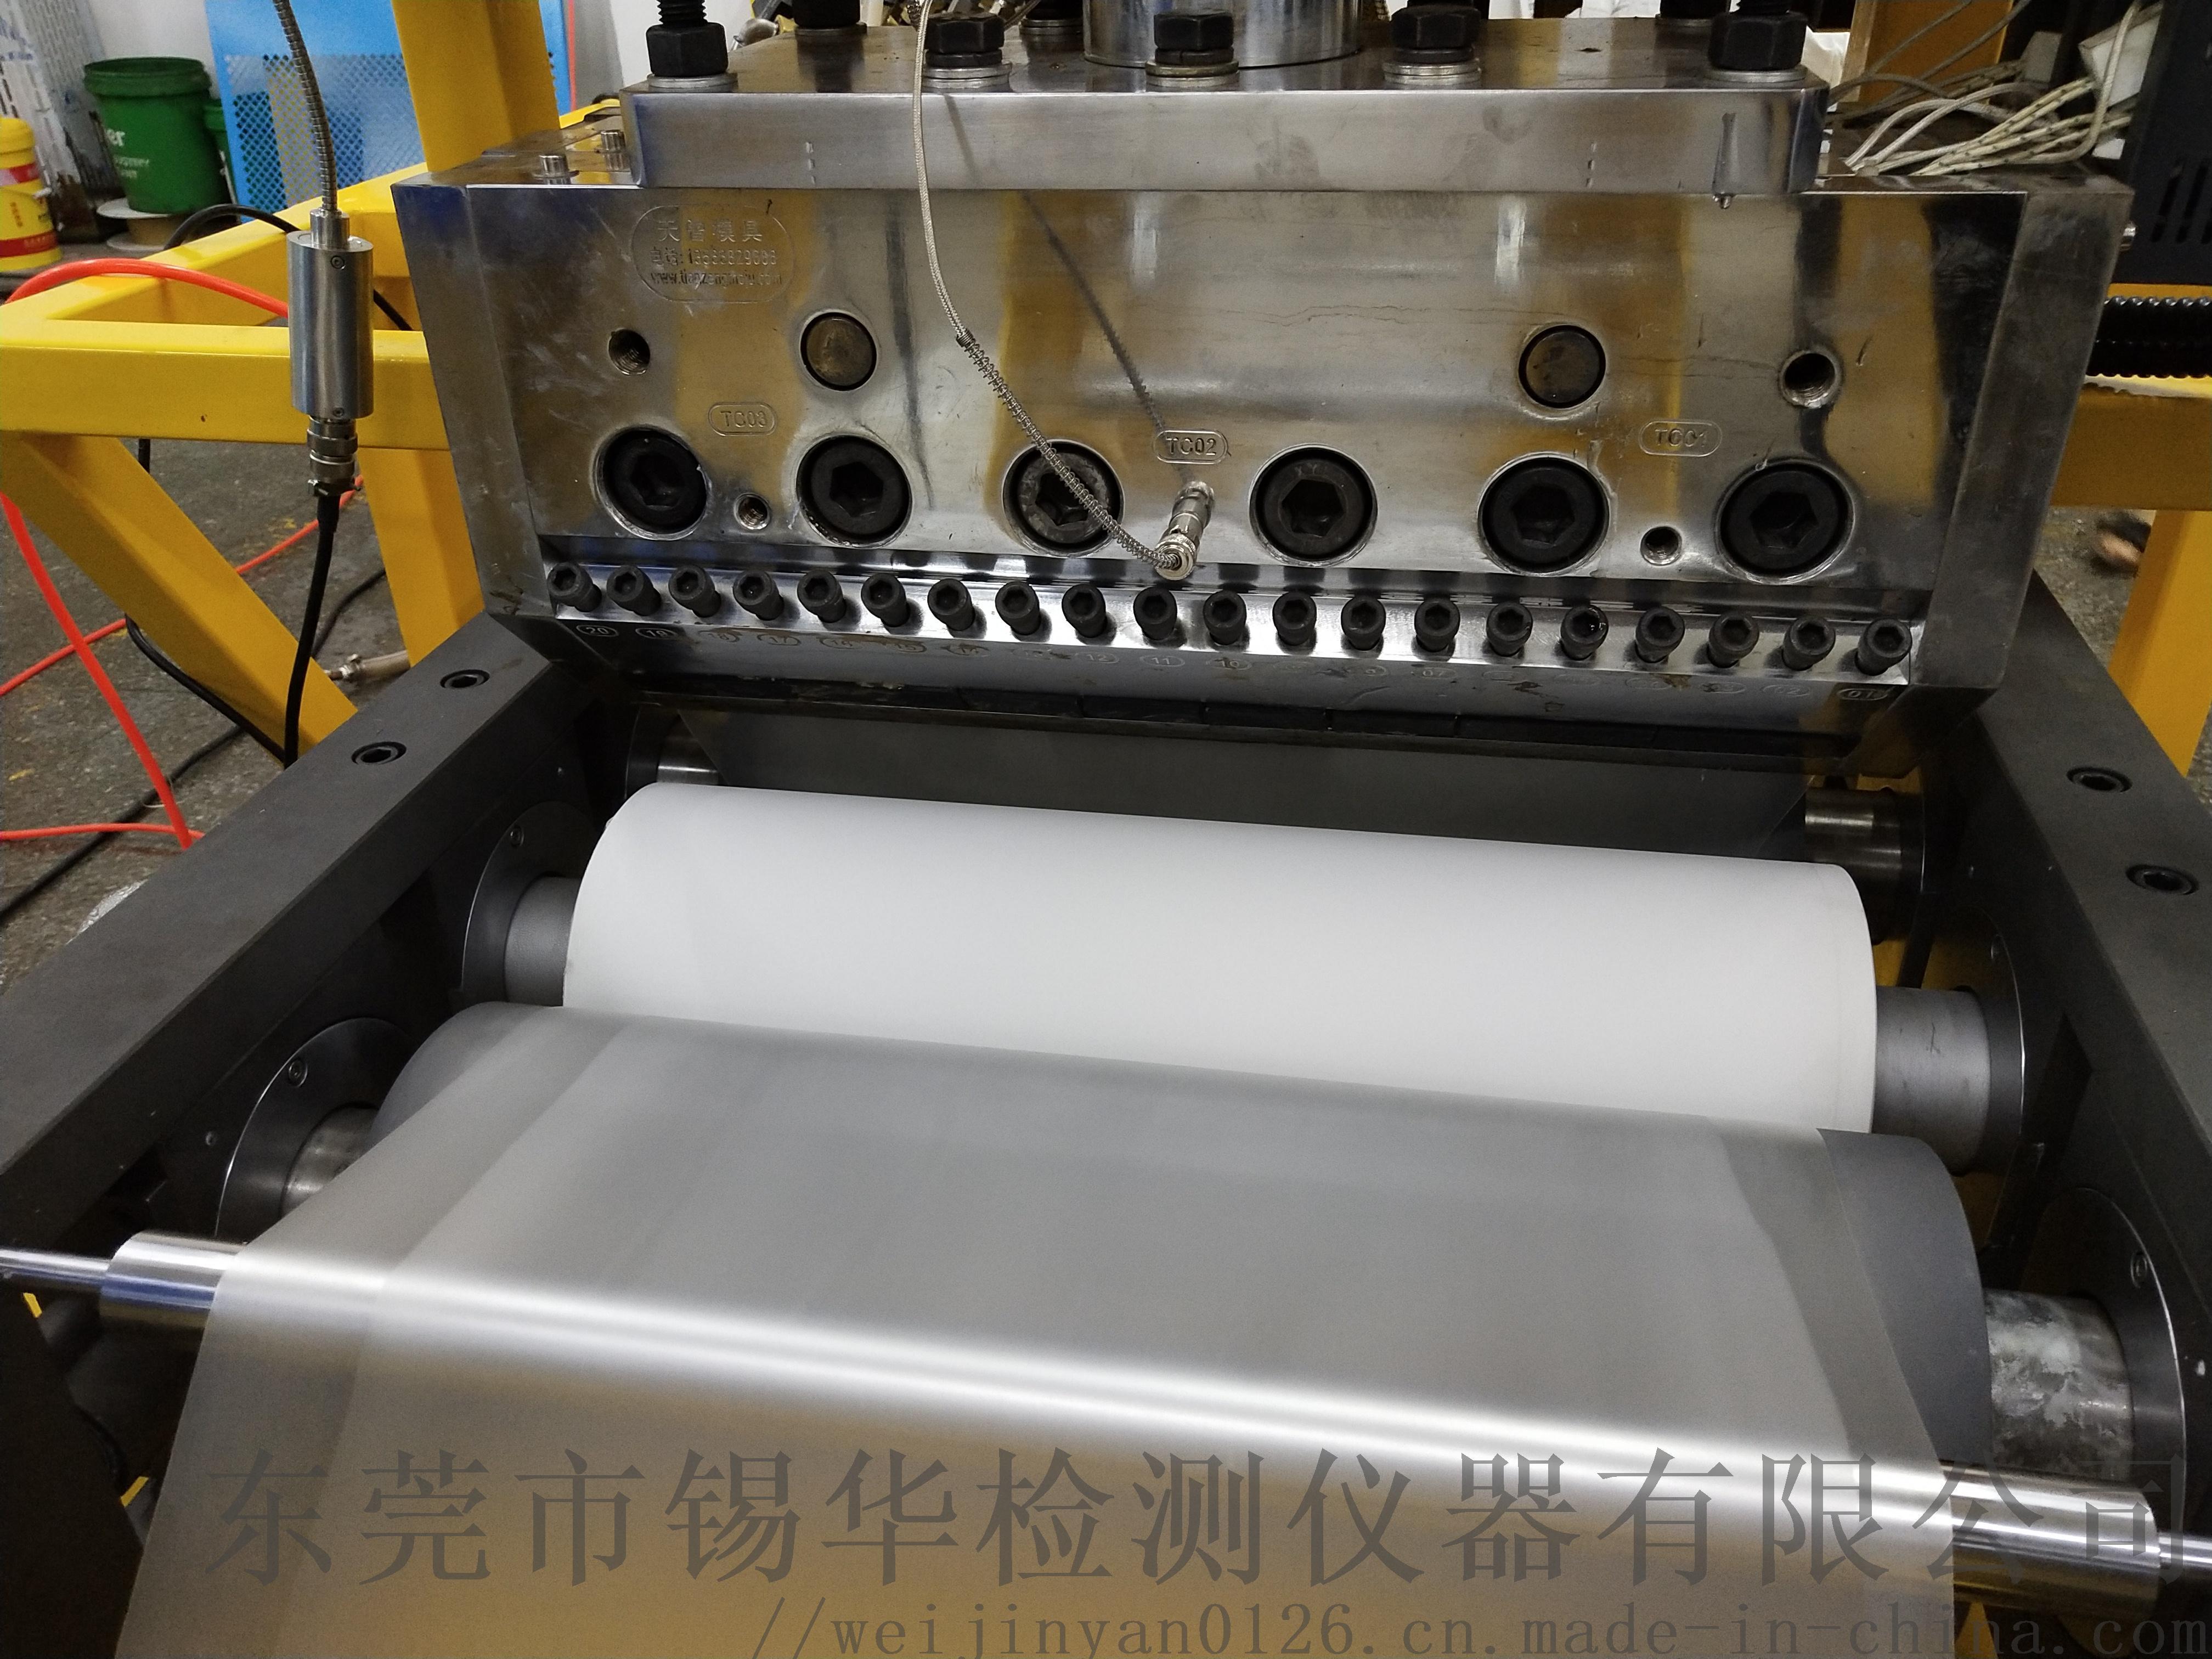 东莞小型吹膜机质量有保证锡华XH-430P808283005